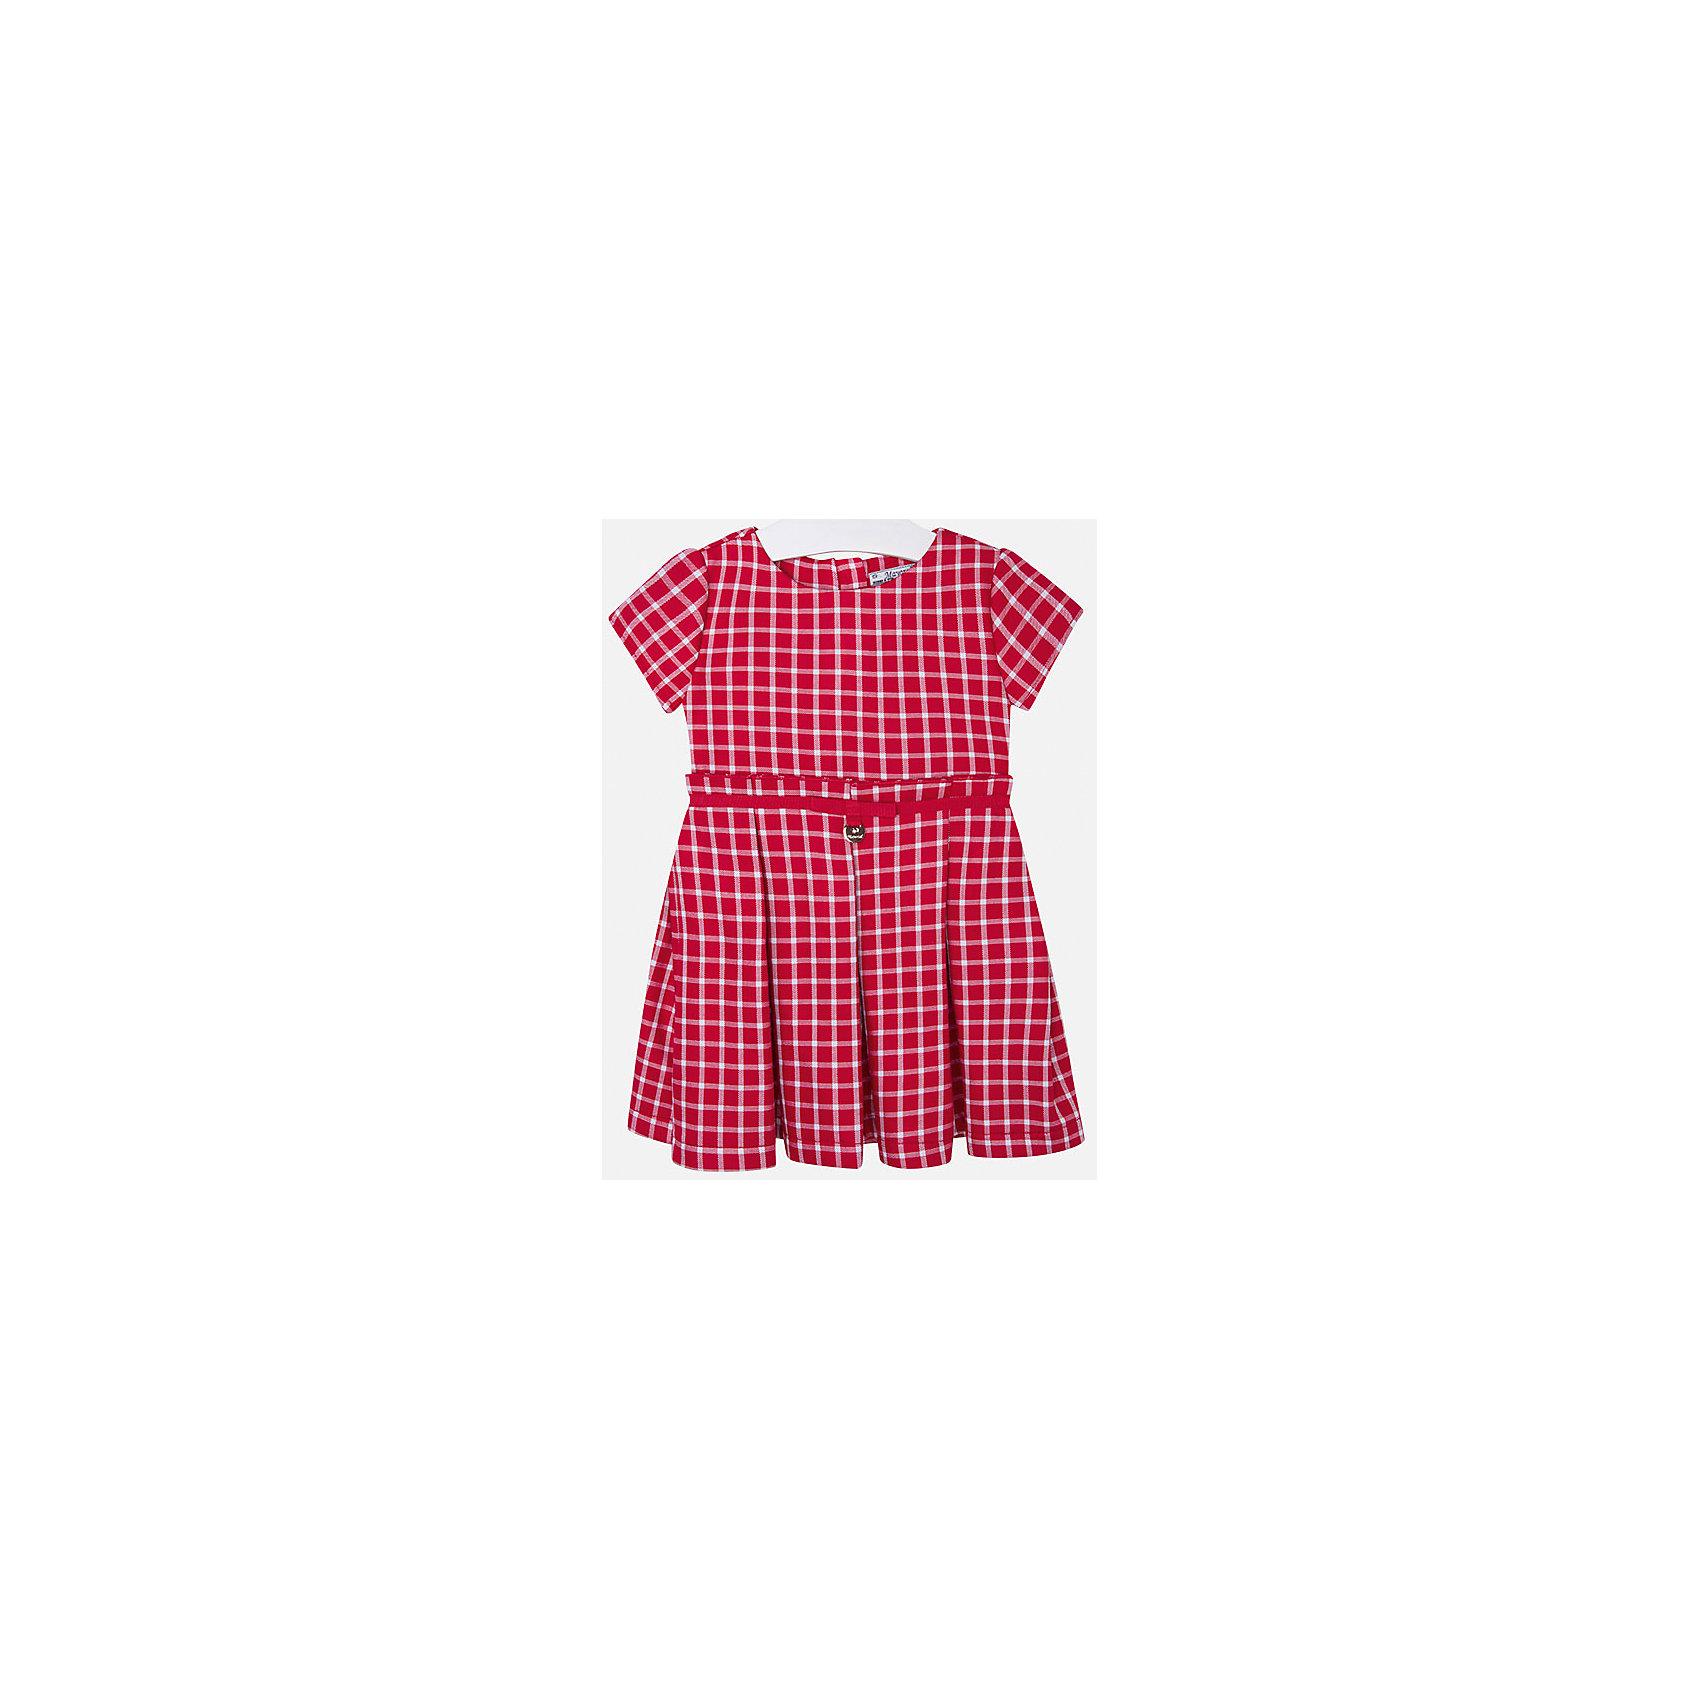 Платье для девочки MayoralПлатья и сарафаны<br>Платье для девочки от известной испанской марки Mayoral<br><br>Ширина мм: 236<br>Глубина мм: 16<br>Высота мм: 184<br>Вес г: 177<br>Цвет: красный<br>Возраст от месяцев: 24<br>Возраст до месяцев: 36<br>Пол: Женский<br>Возраст: Детский<br>Размер: 98,110,134,104,92,116,122,128<br>SKU: 4844423